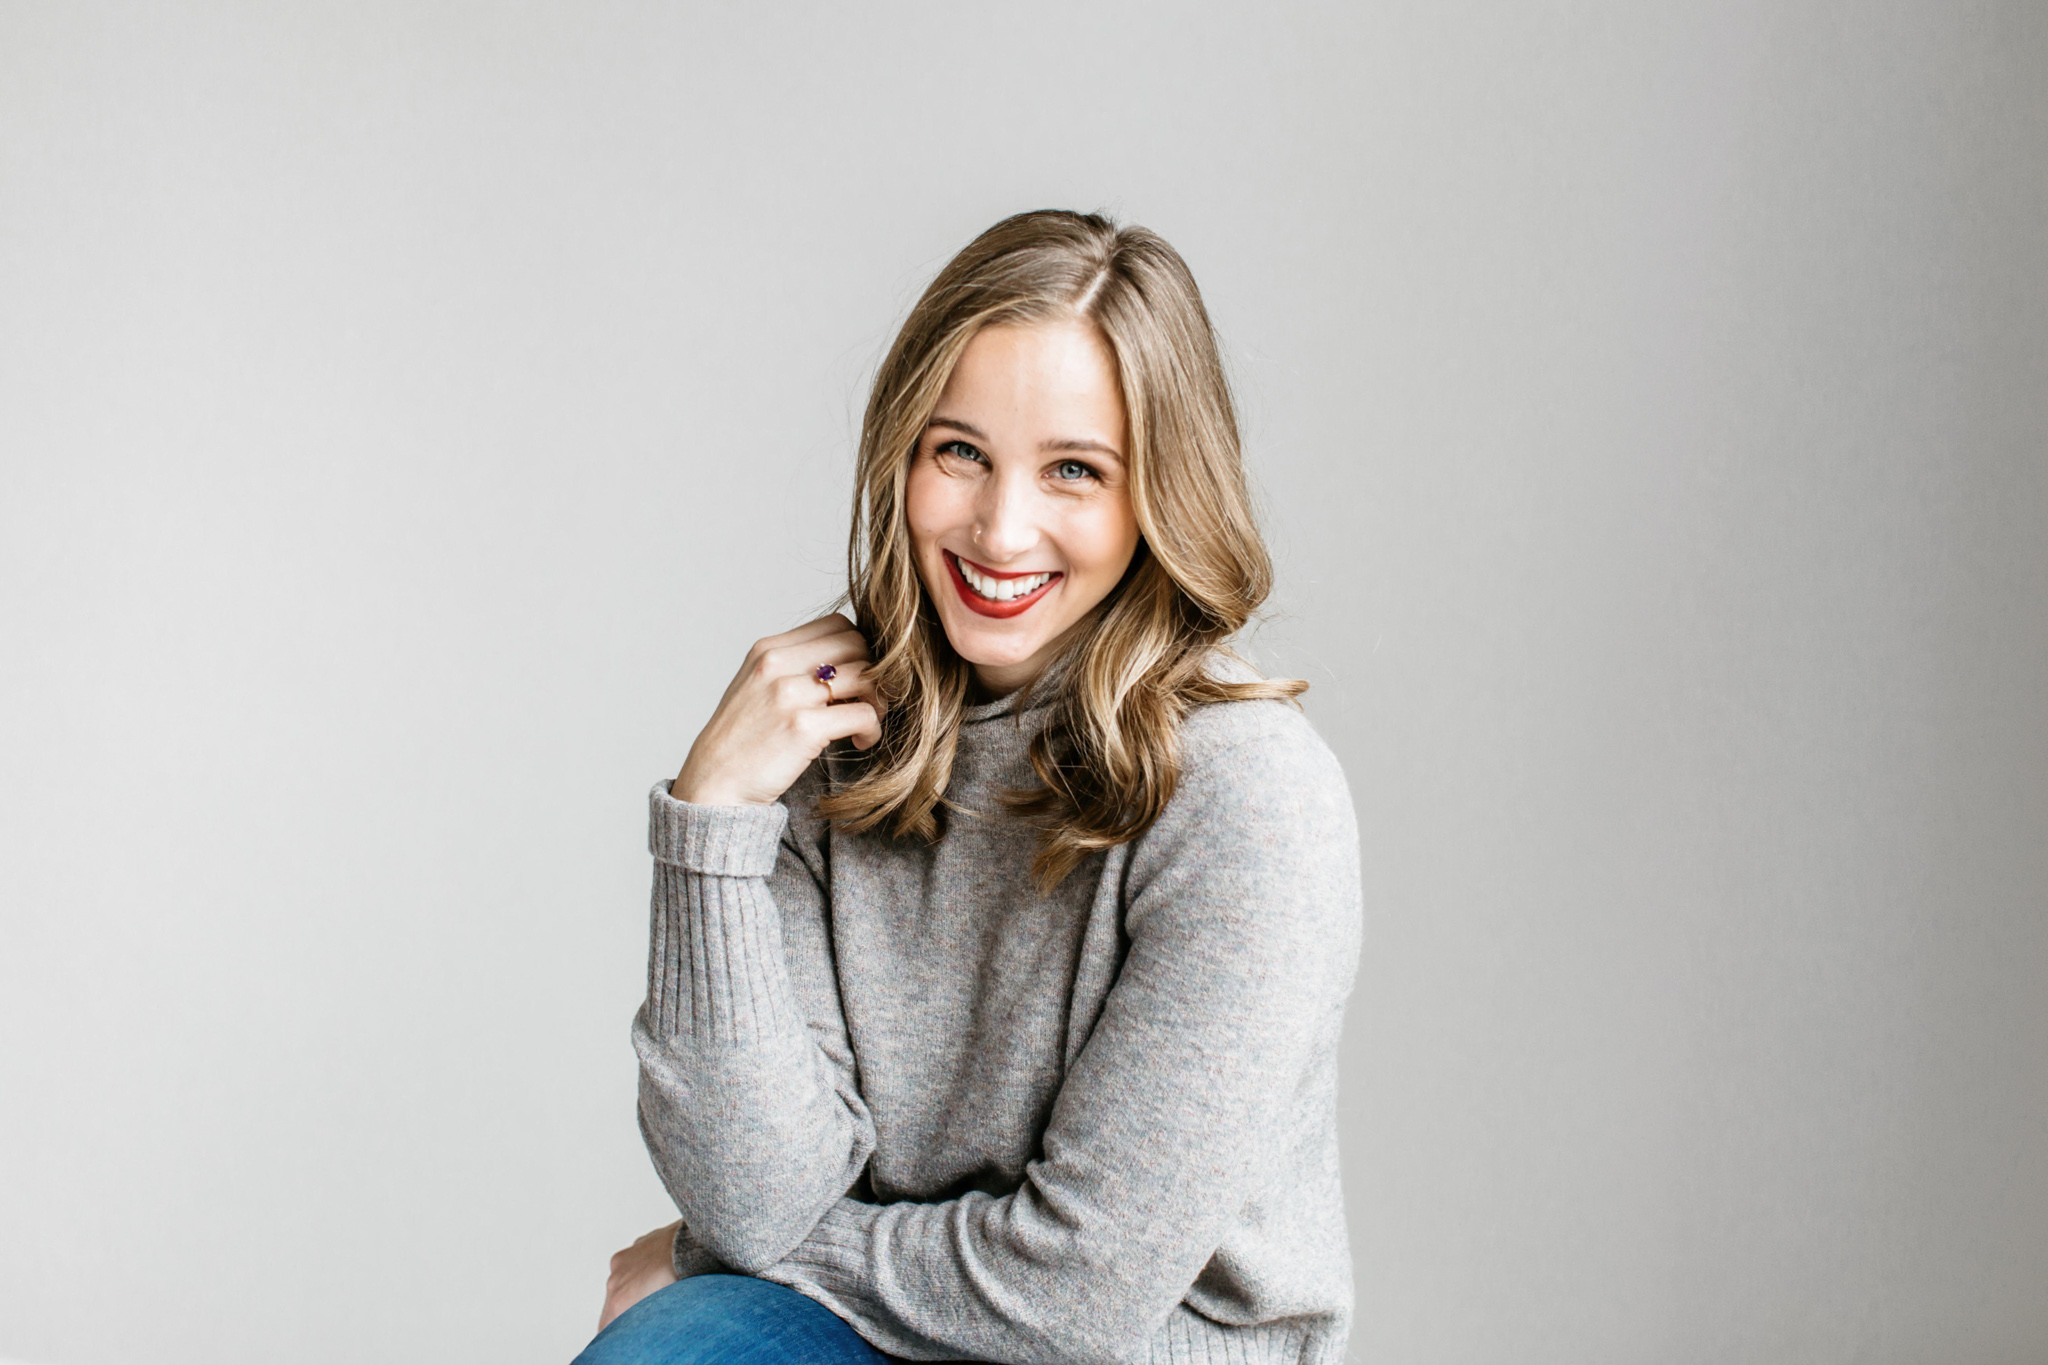 Alexa-Vossler-Photo_Dallas-Portrait-Photographer_ Melanie-Foster-Headshots-3.jpg